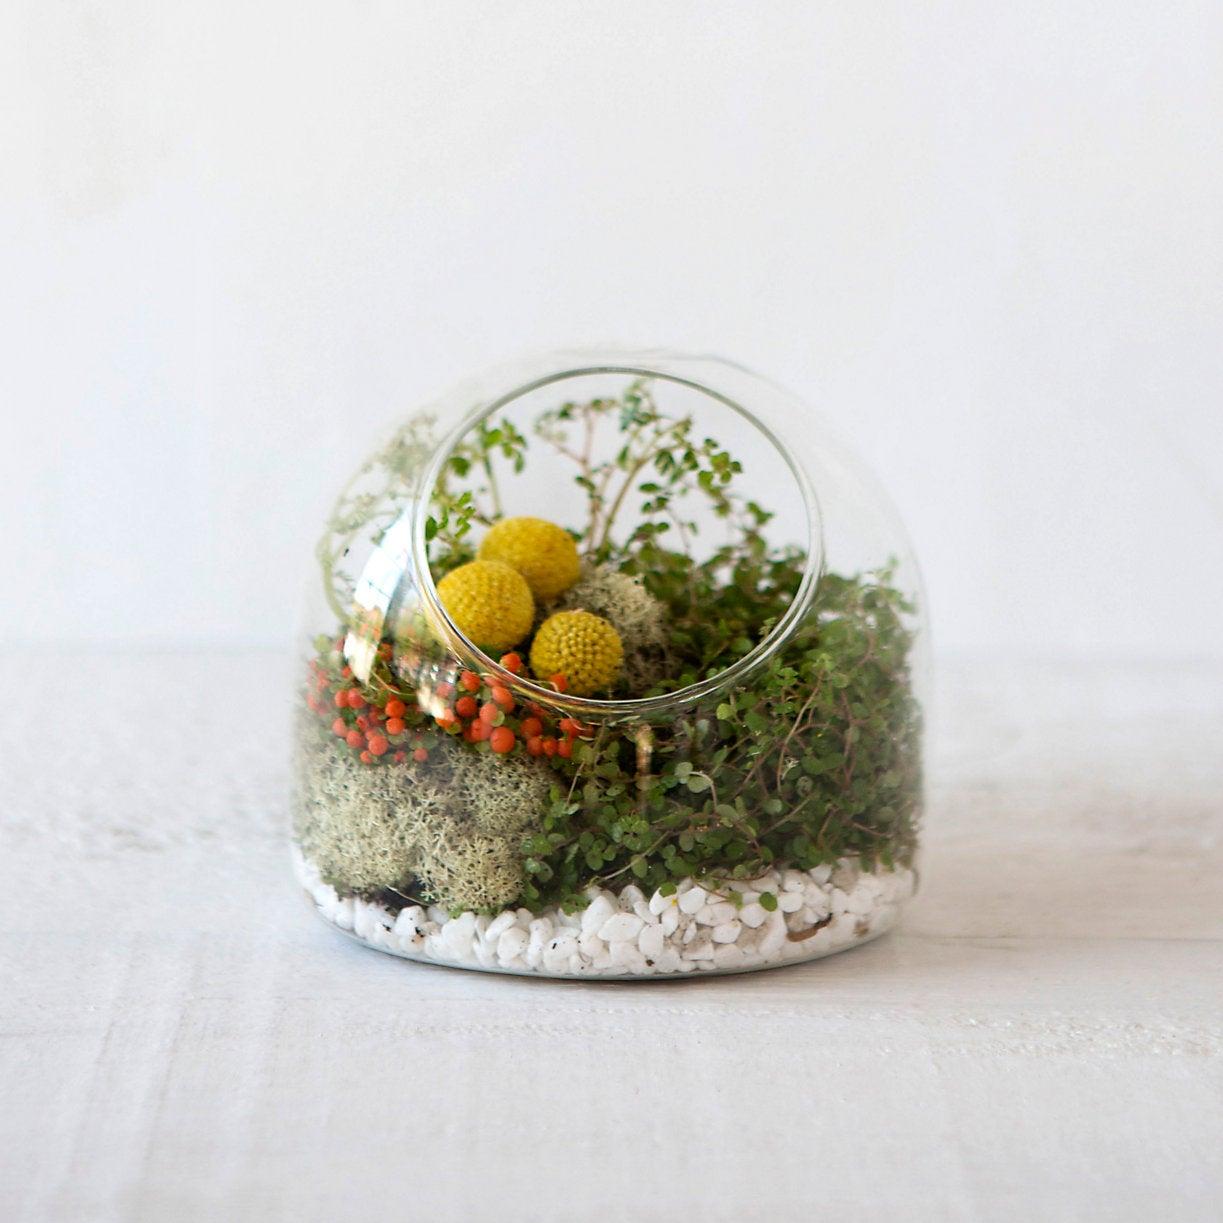 glass globe-like terrarium